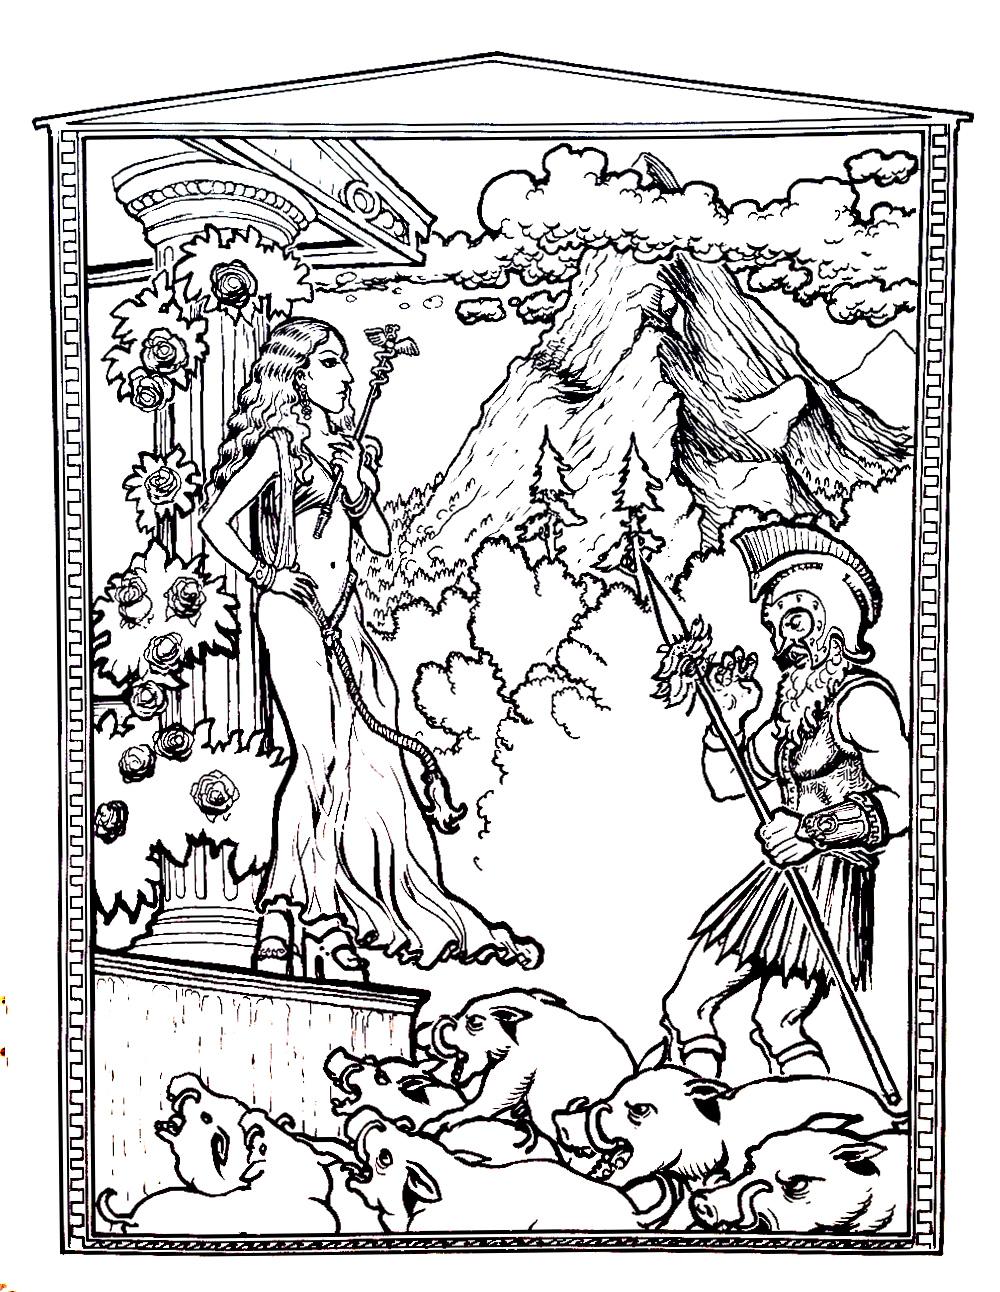 Scene of Homer's Odyssey